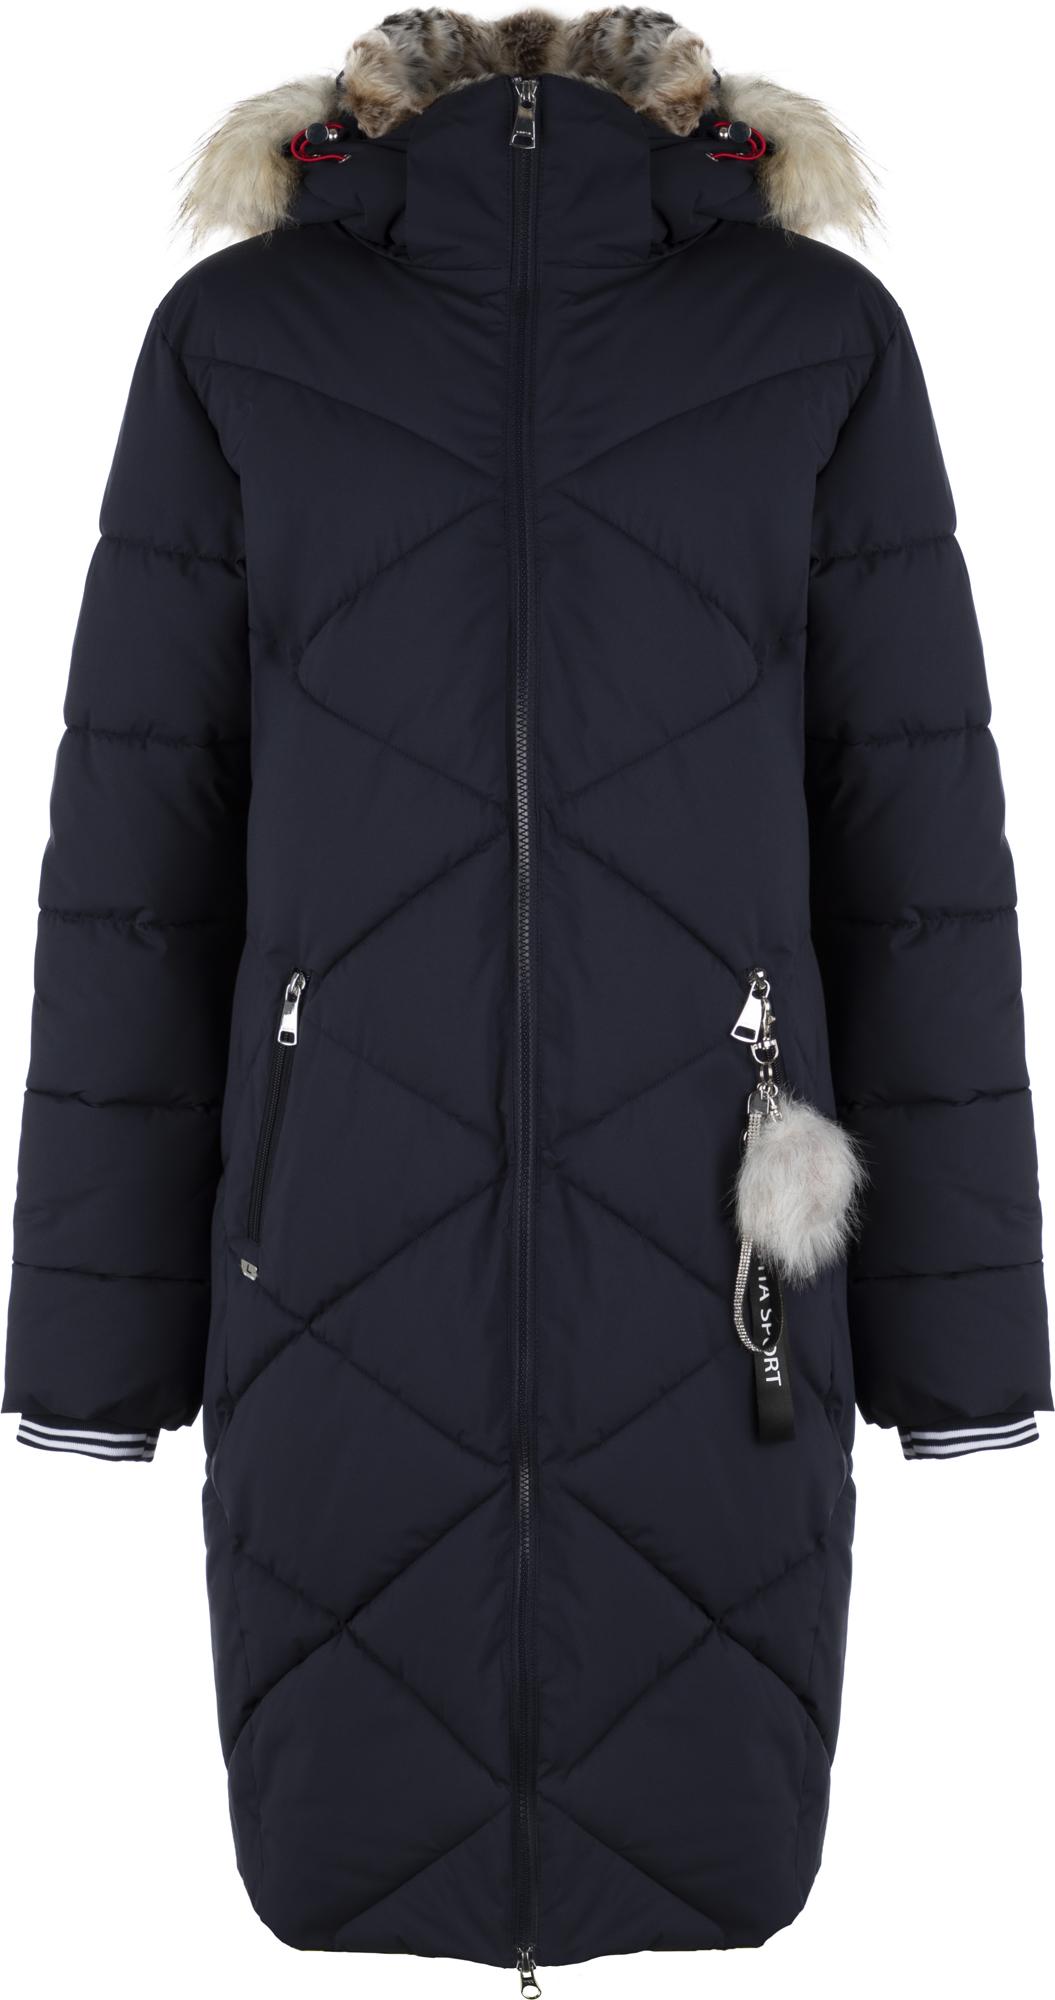 Luhta Пальто утепленное женское Luhta Ingby, размер 48